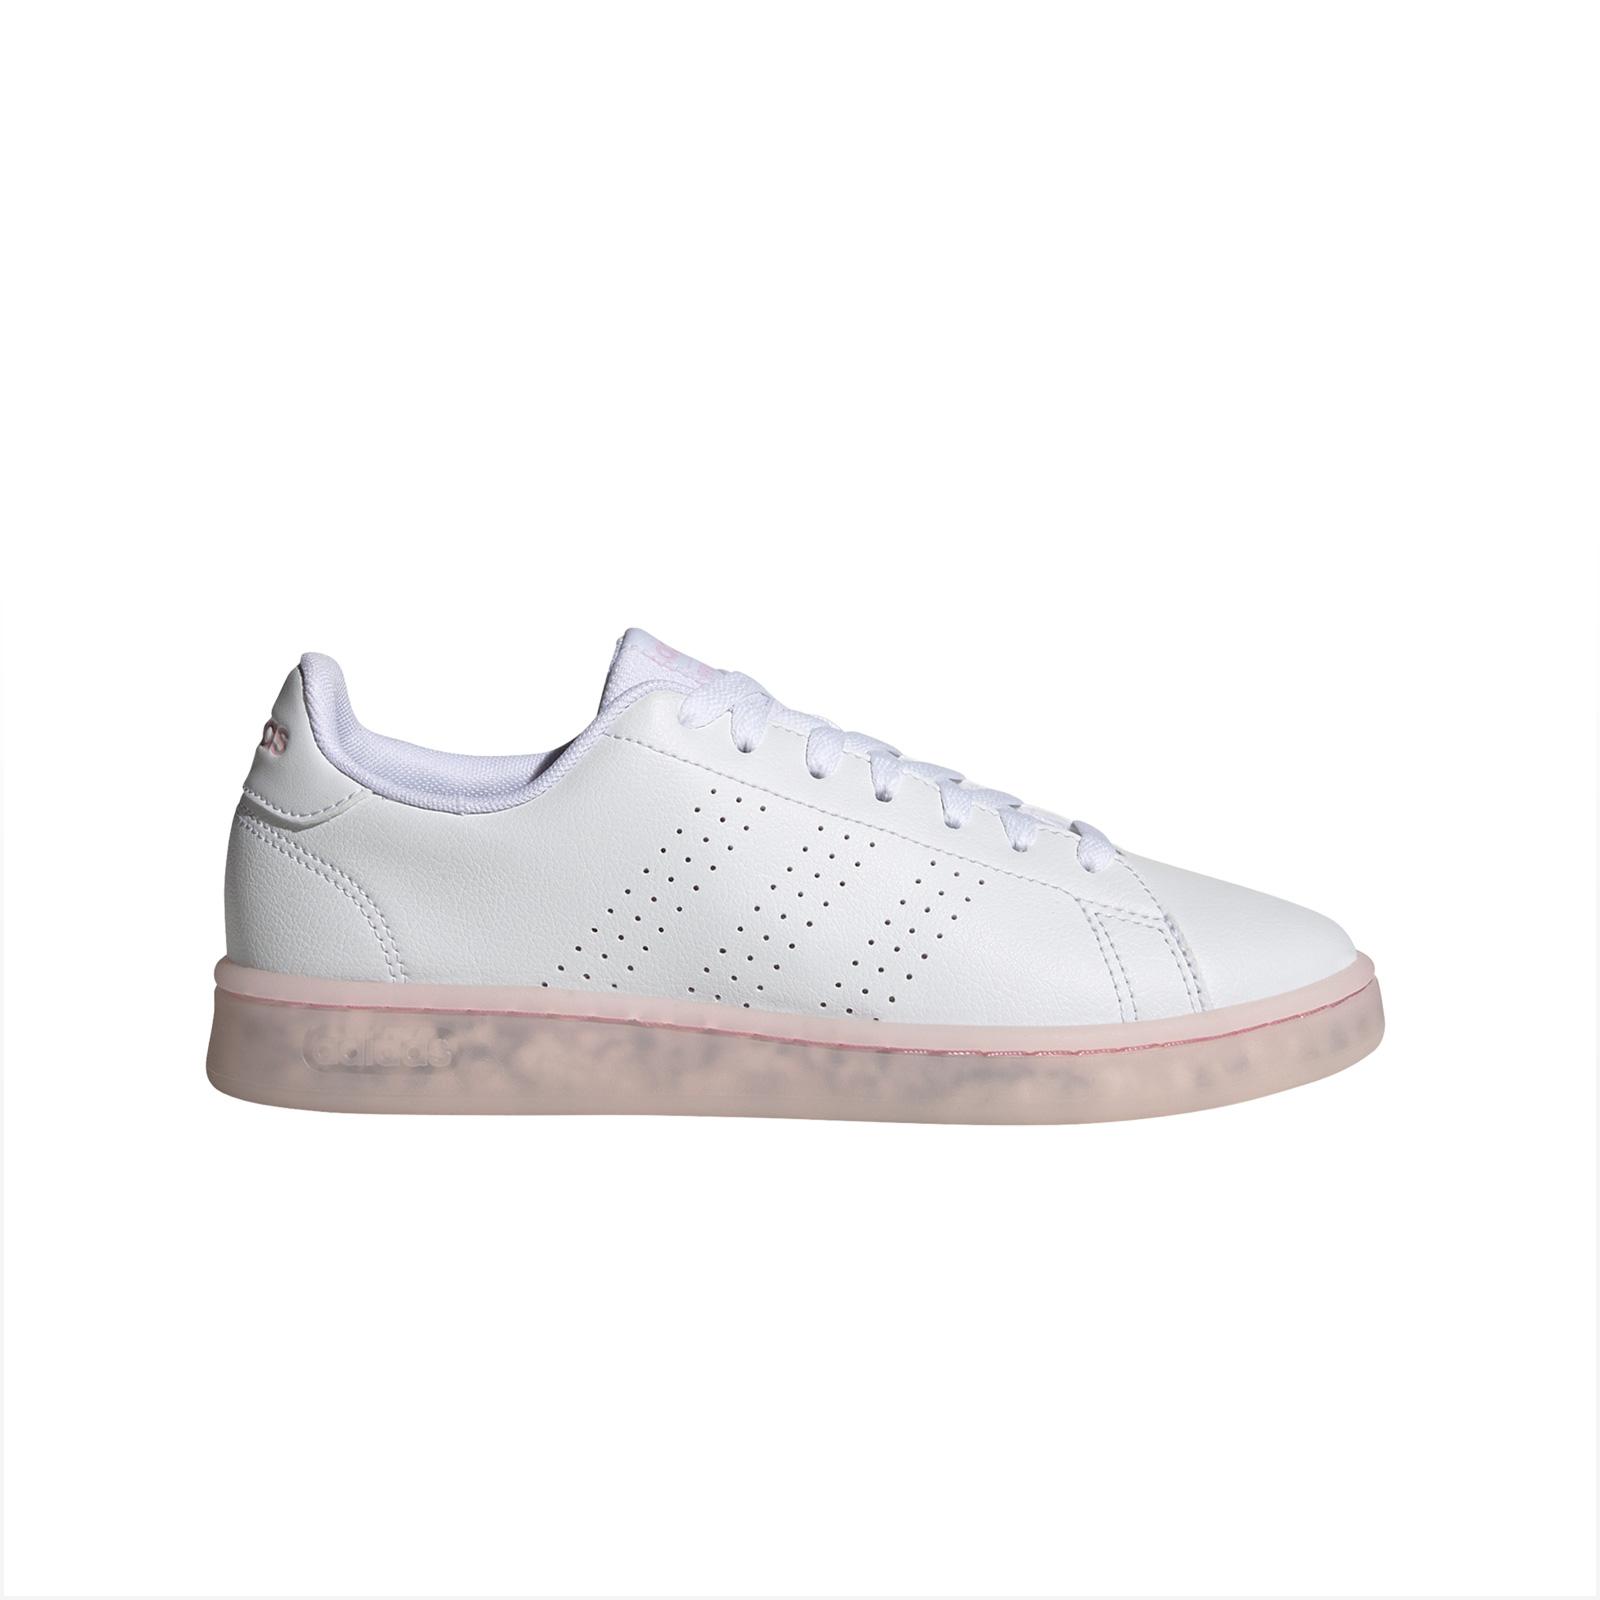 adidas - ADVANTAGE ECO - FTWWHT/FTWWHT/CLPINK - adidas -